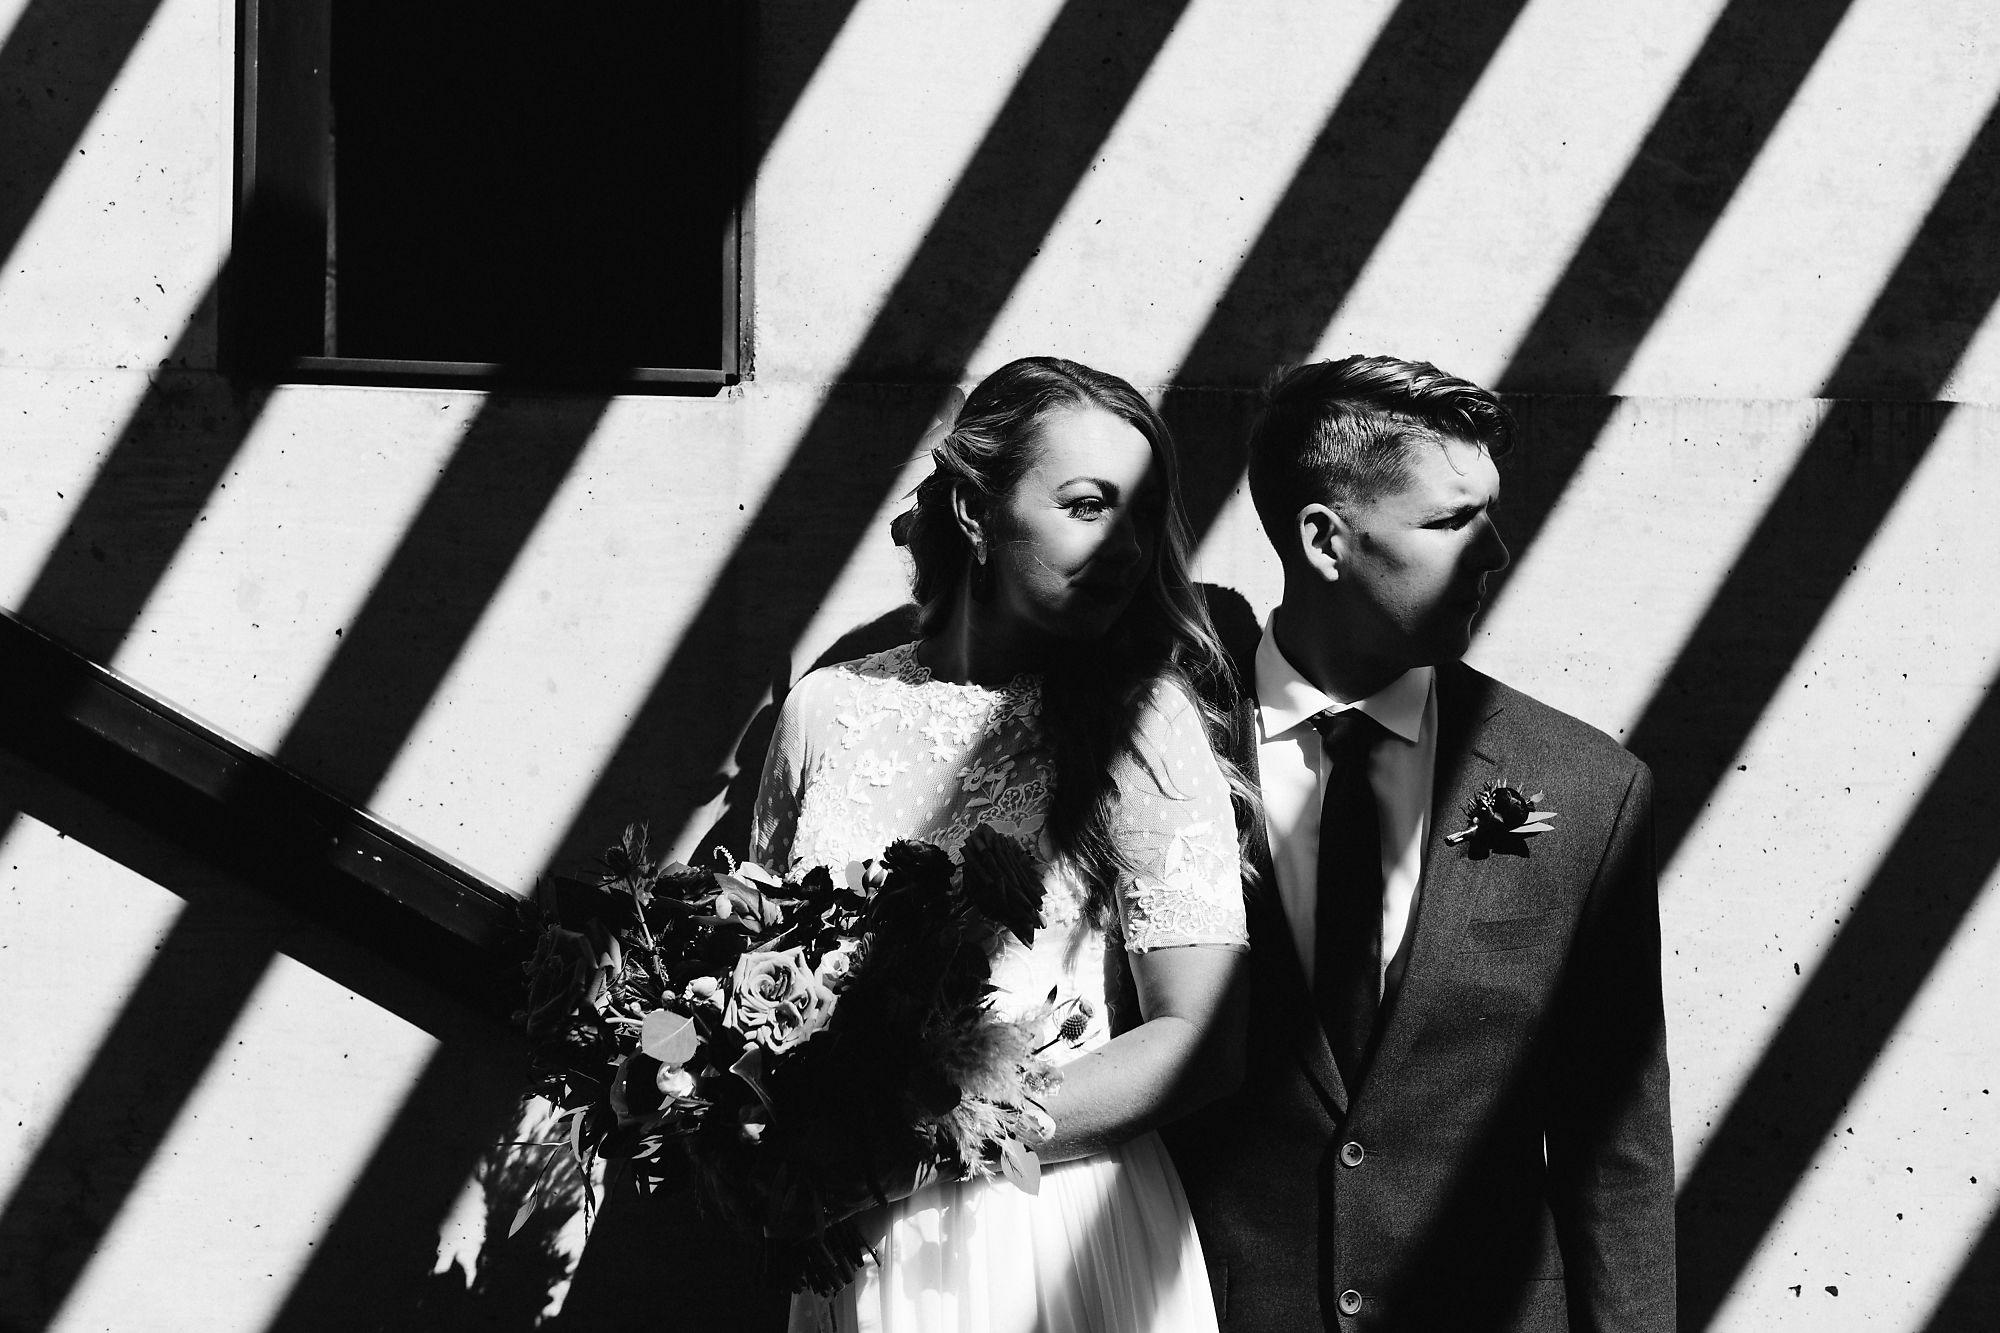 amber_cameron_malverde_wedding_photos122435.jpg